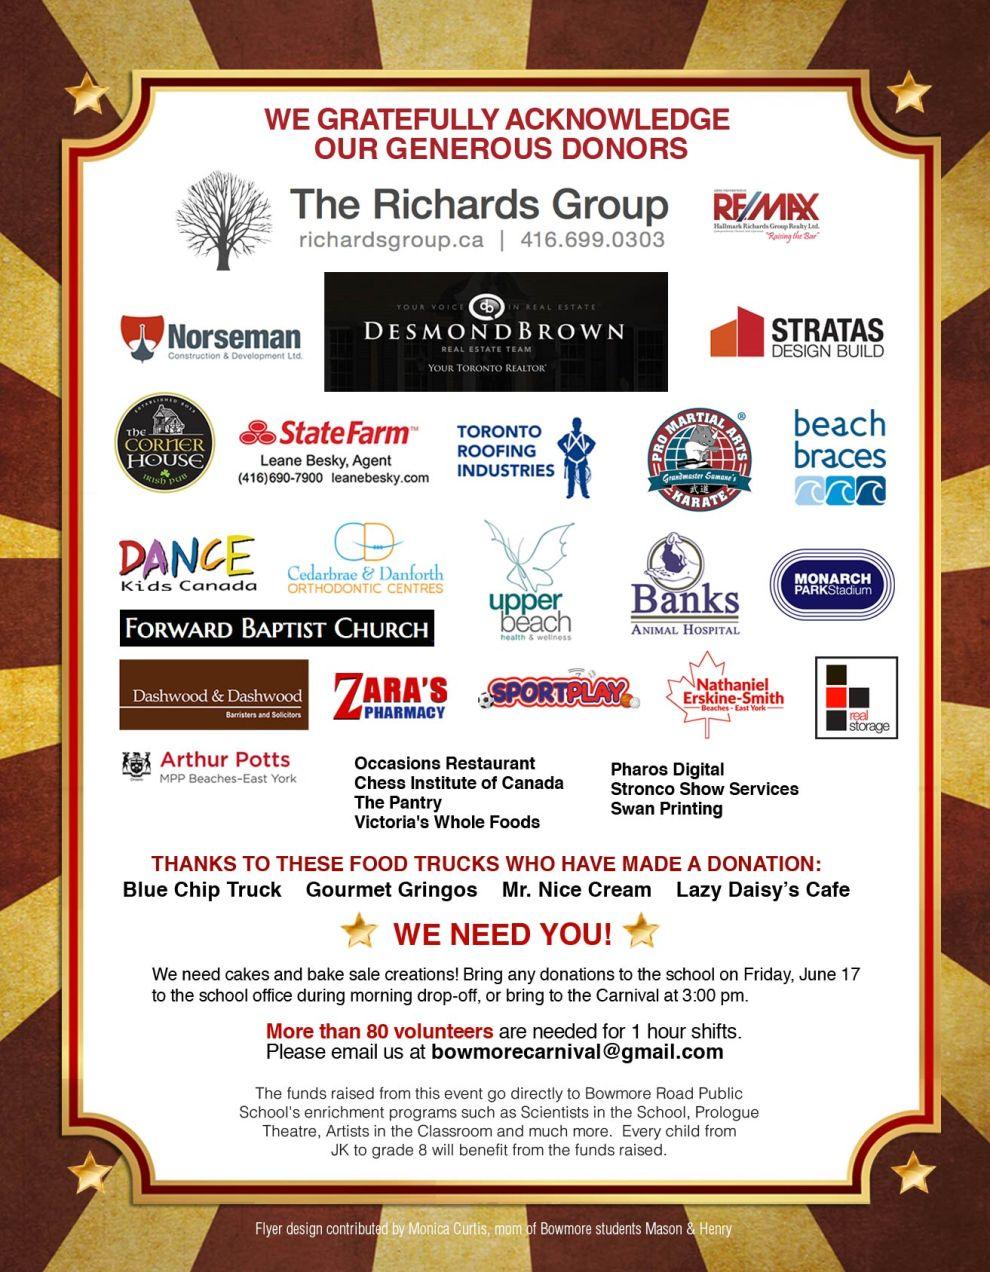 Bowmore Carnival 2016 sponsors